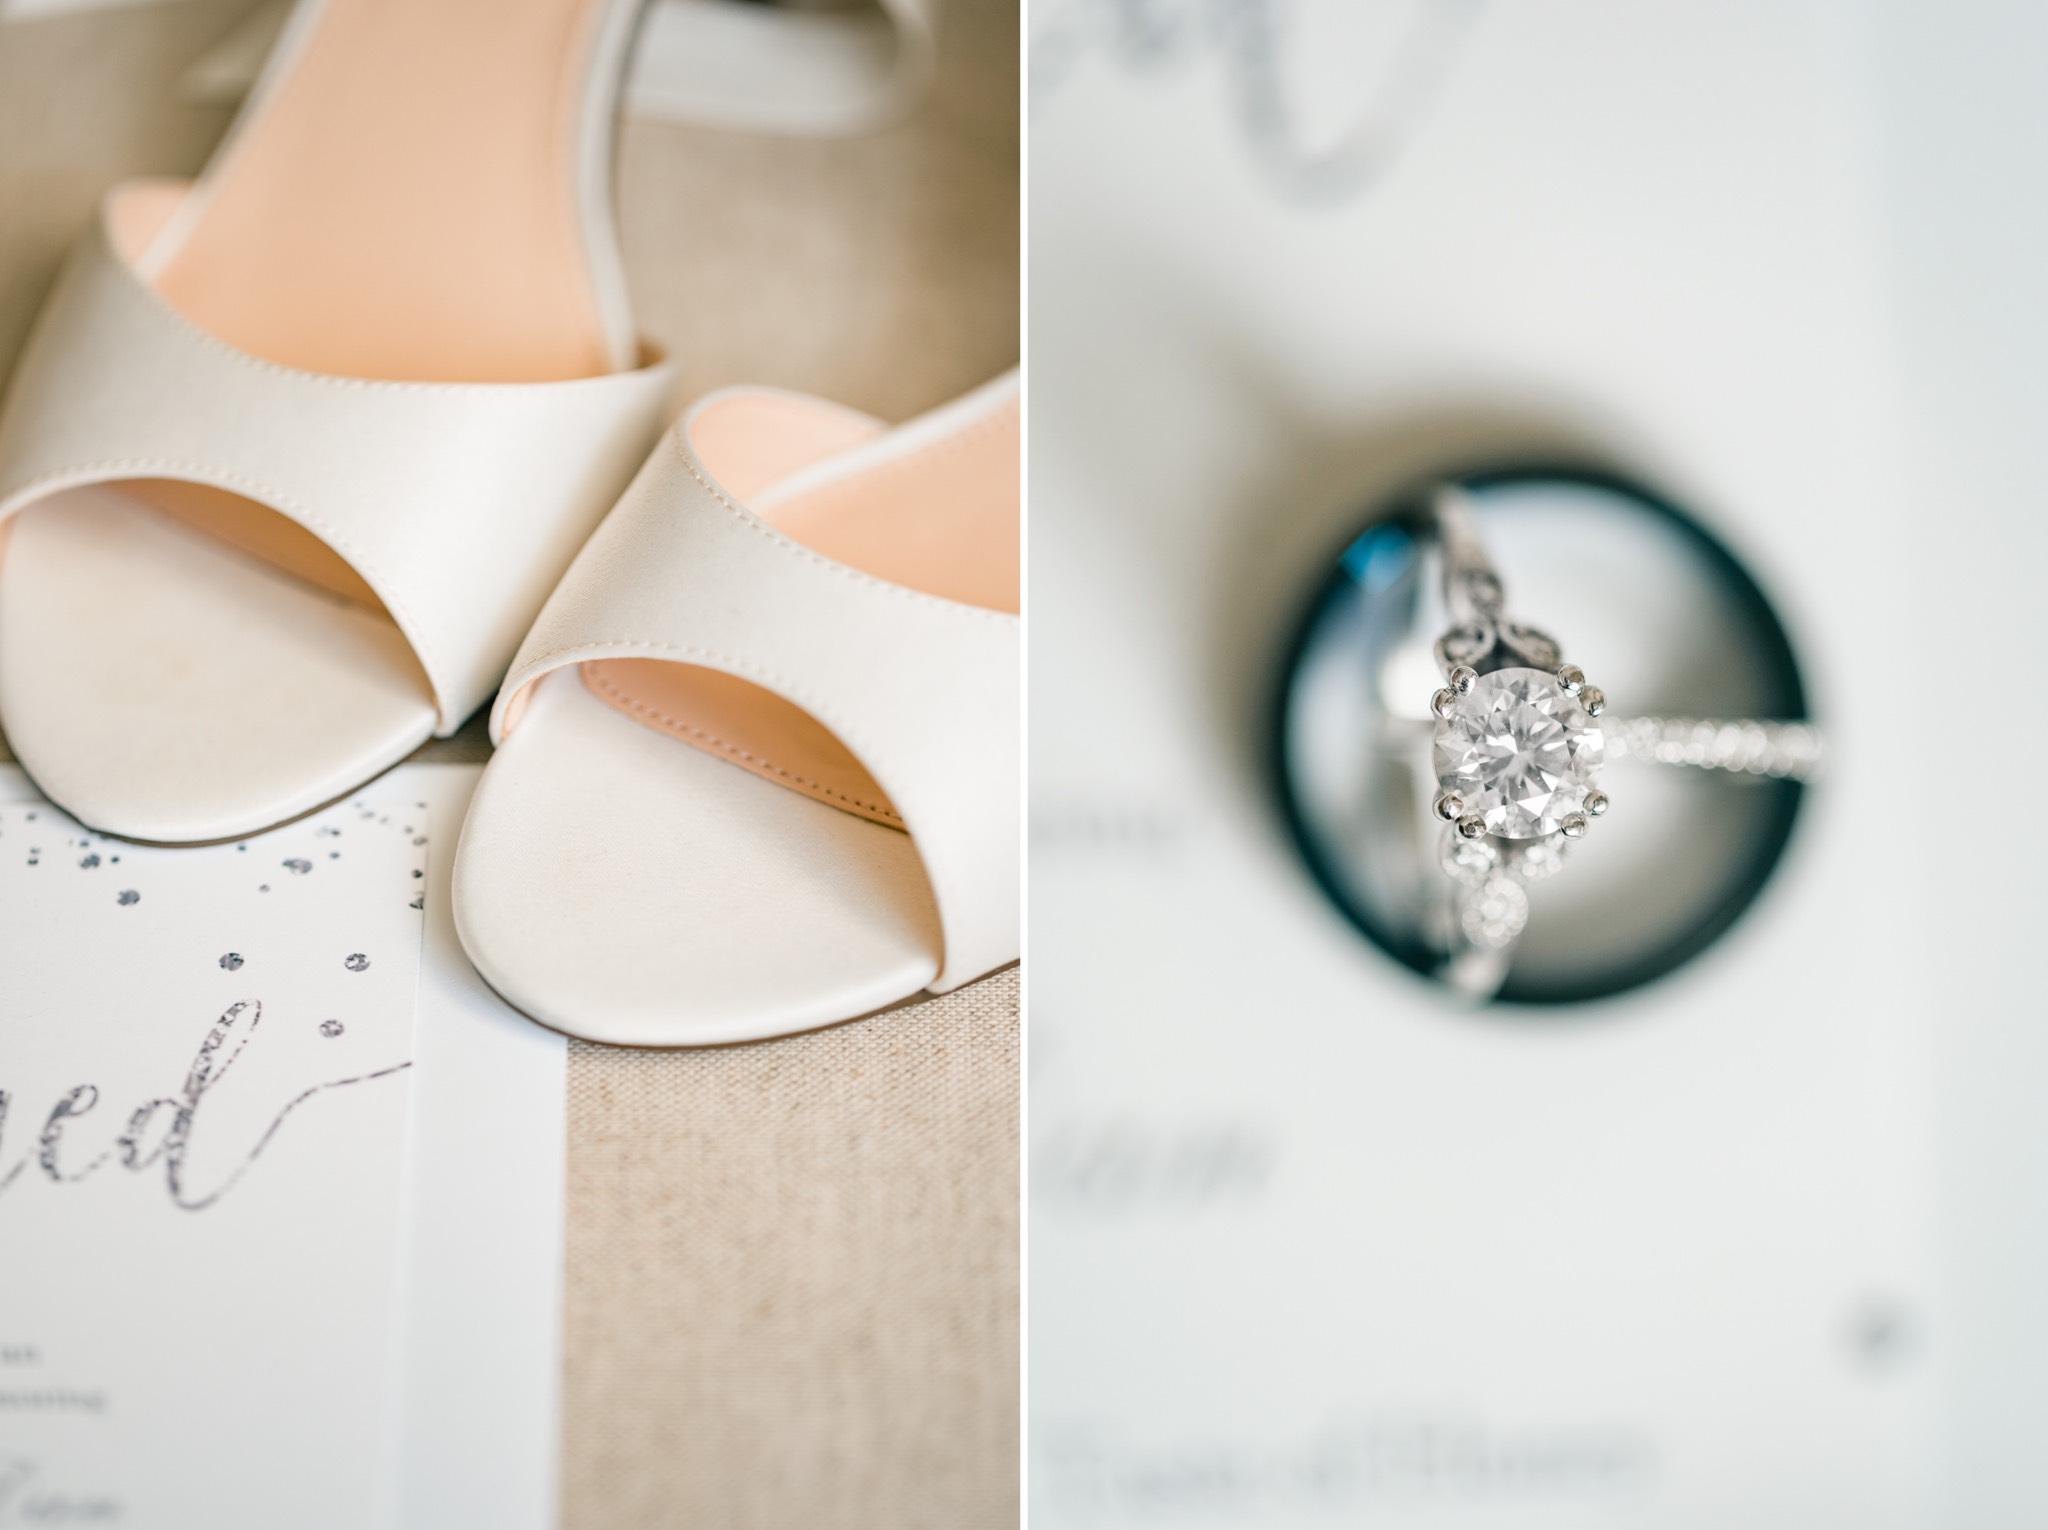 Nina Shoes + Ring Staten Island Wedding